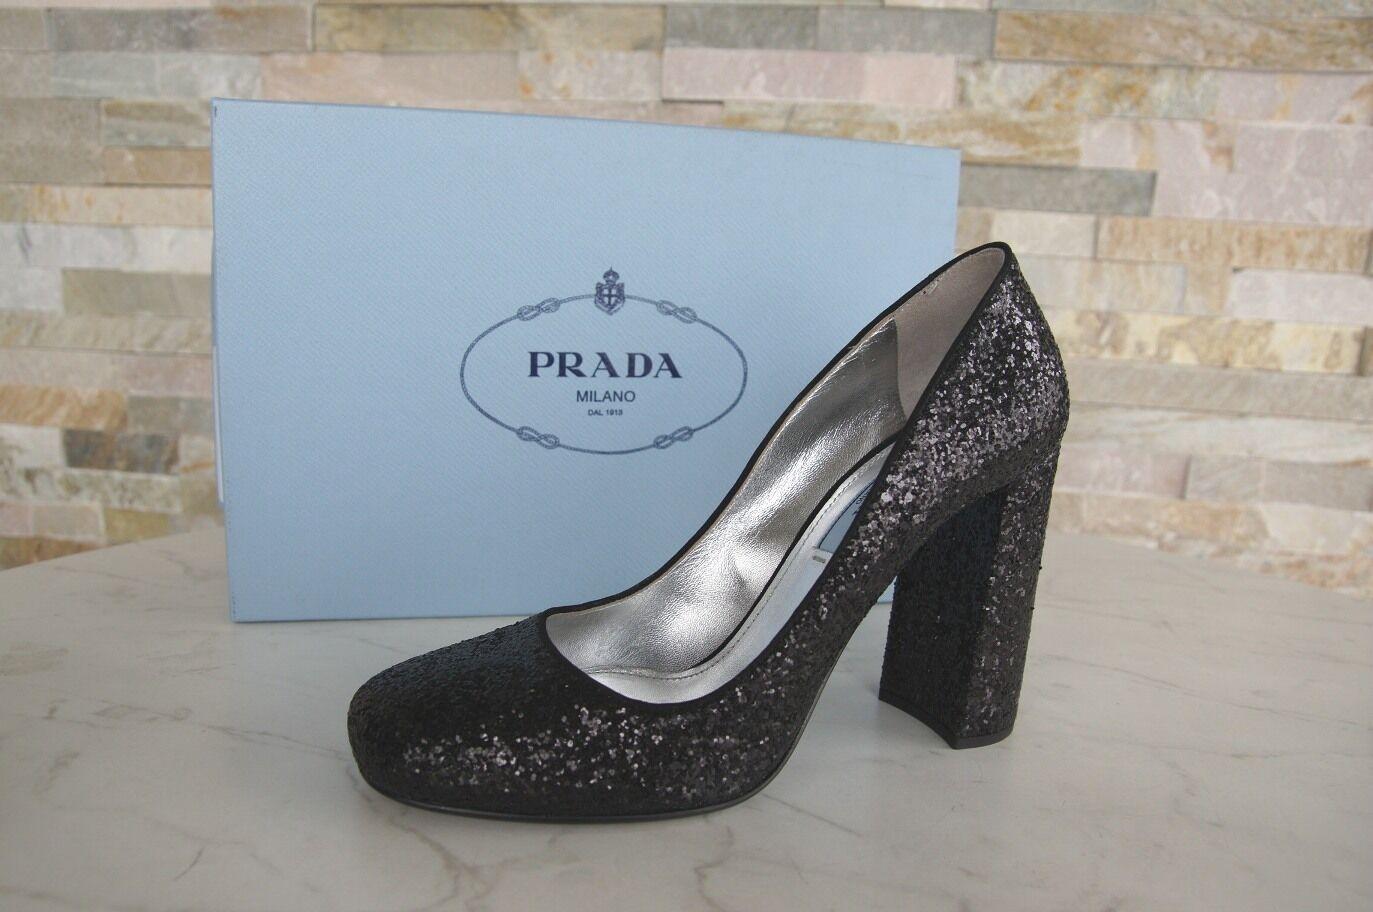 PRADA TAGLIA 38,5 Brillantini PUMPS Tacchi Brillantini 38,5 Sera Scarpe scarpe shoes nero NUOVO UVP 8a5f4b